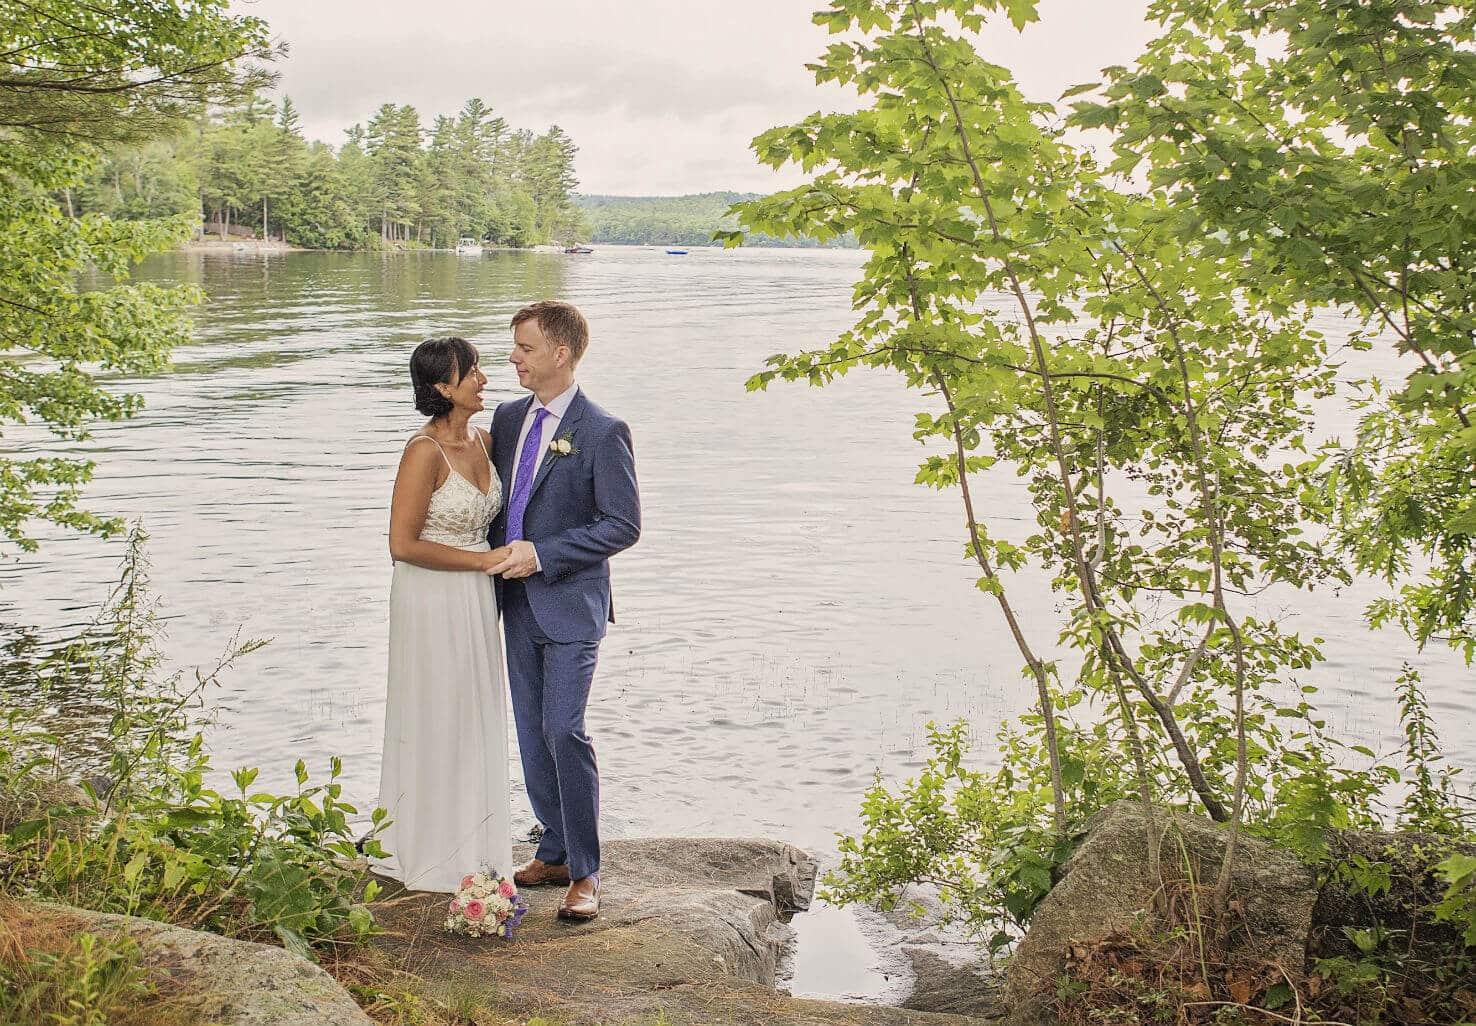 Newlyweds standing by lake